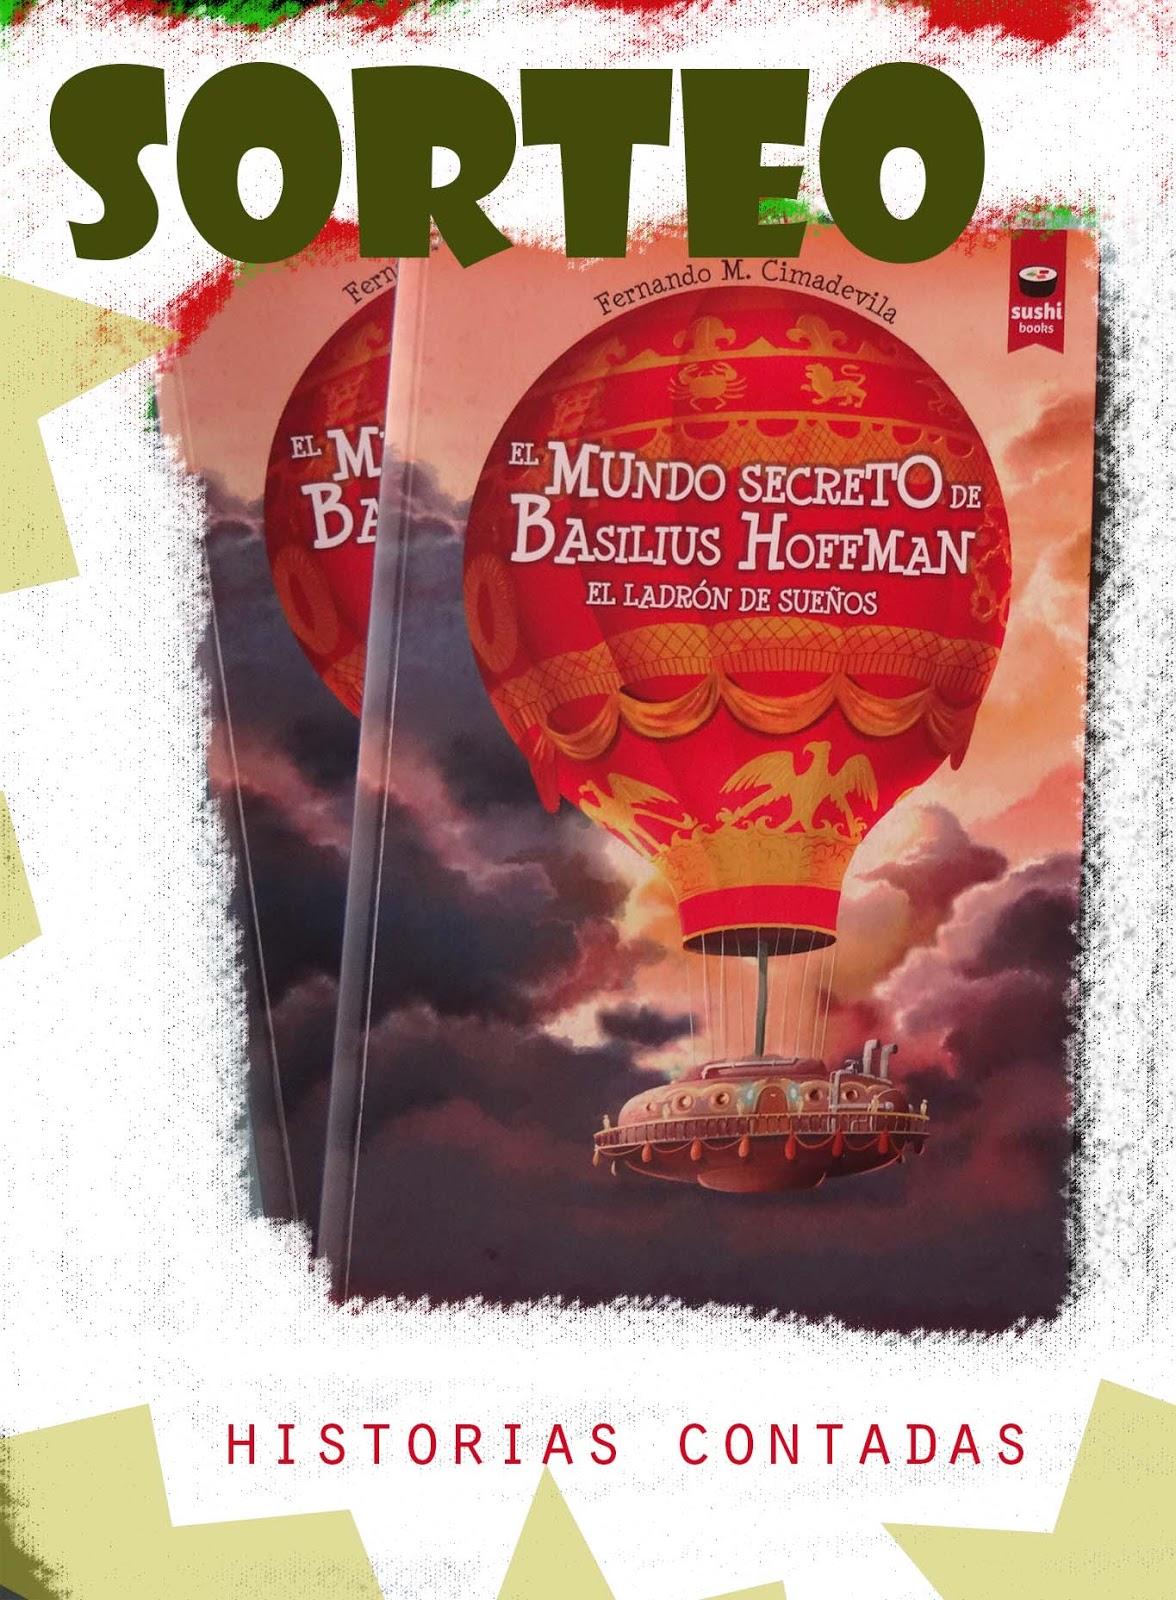 http://historiasscontadass.blogspot.com.es/2015/11/sorteo-de-reyes-magos-historias-contadas.html